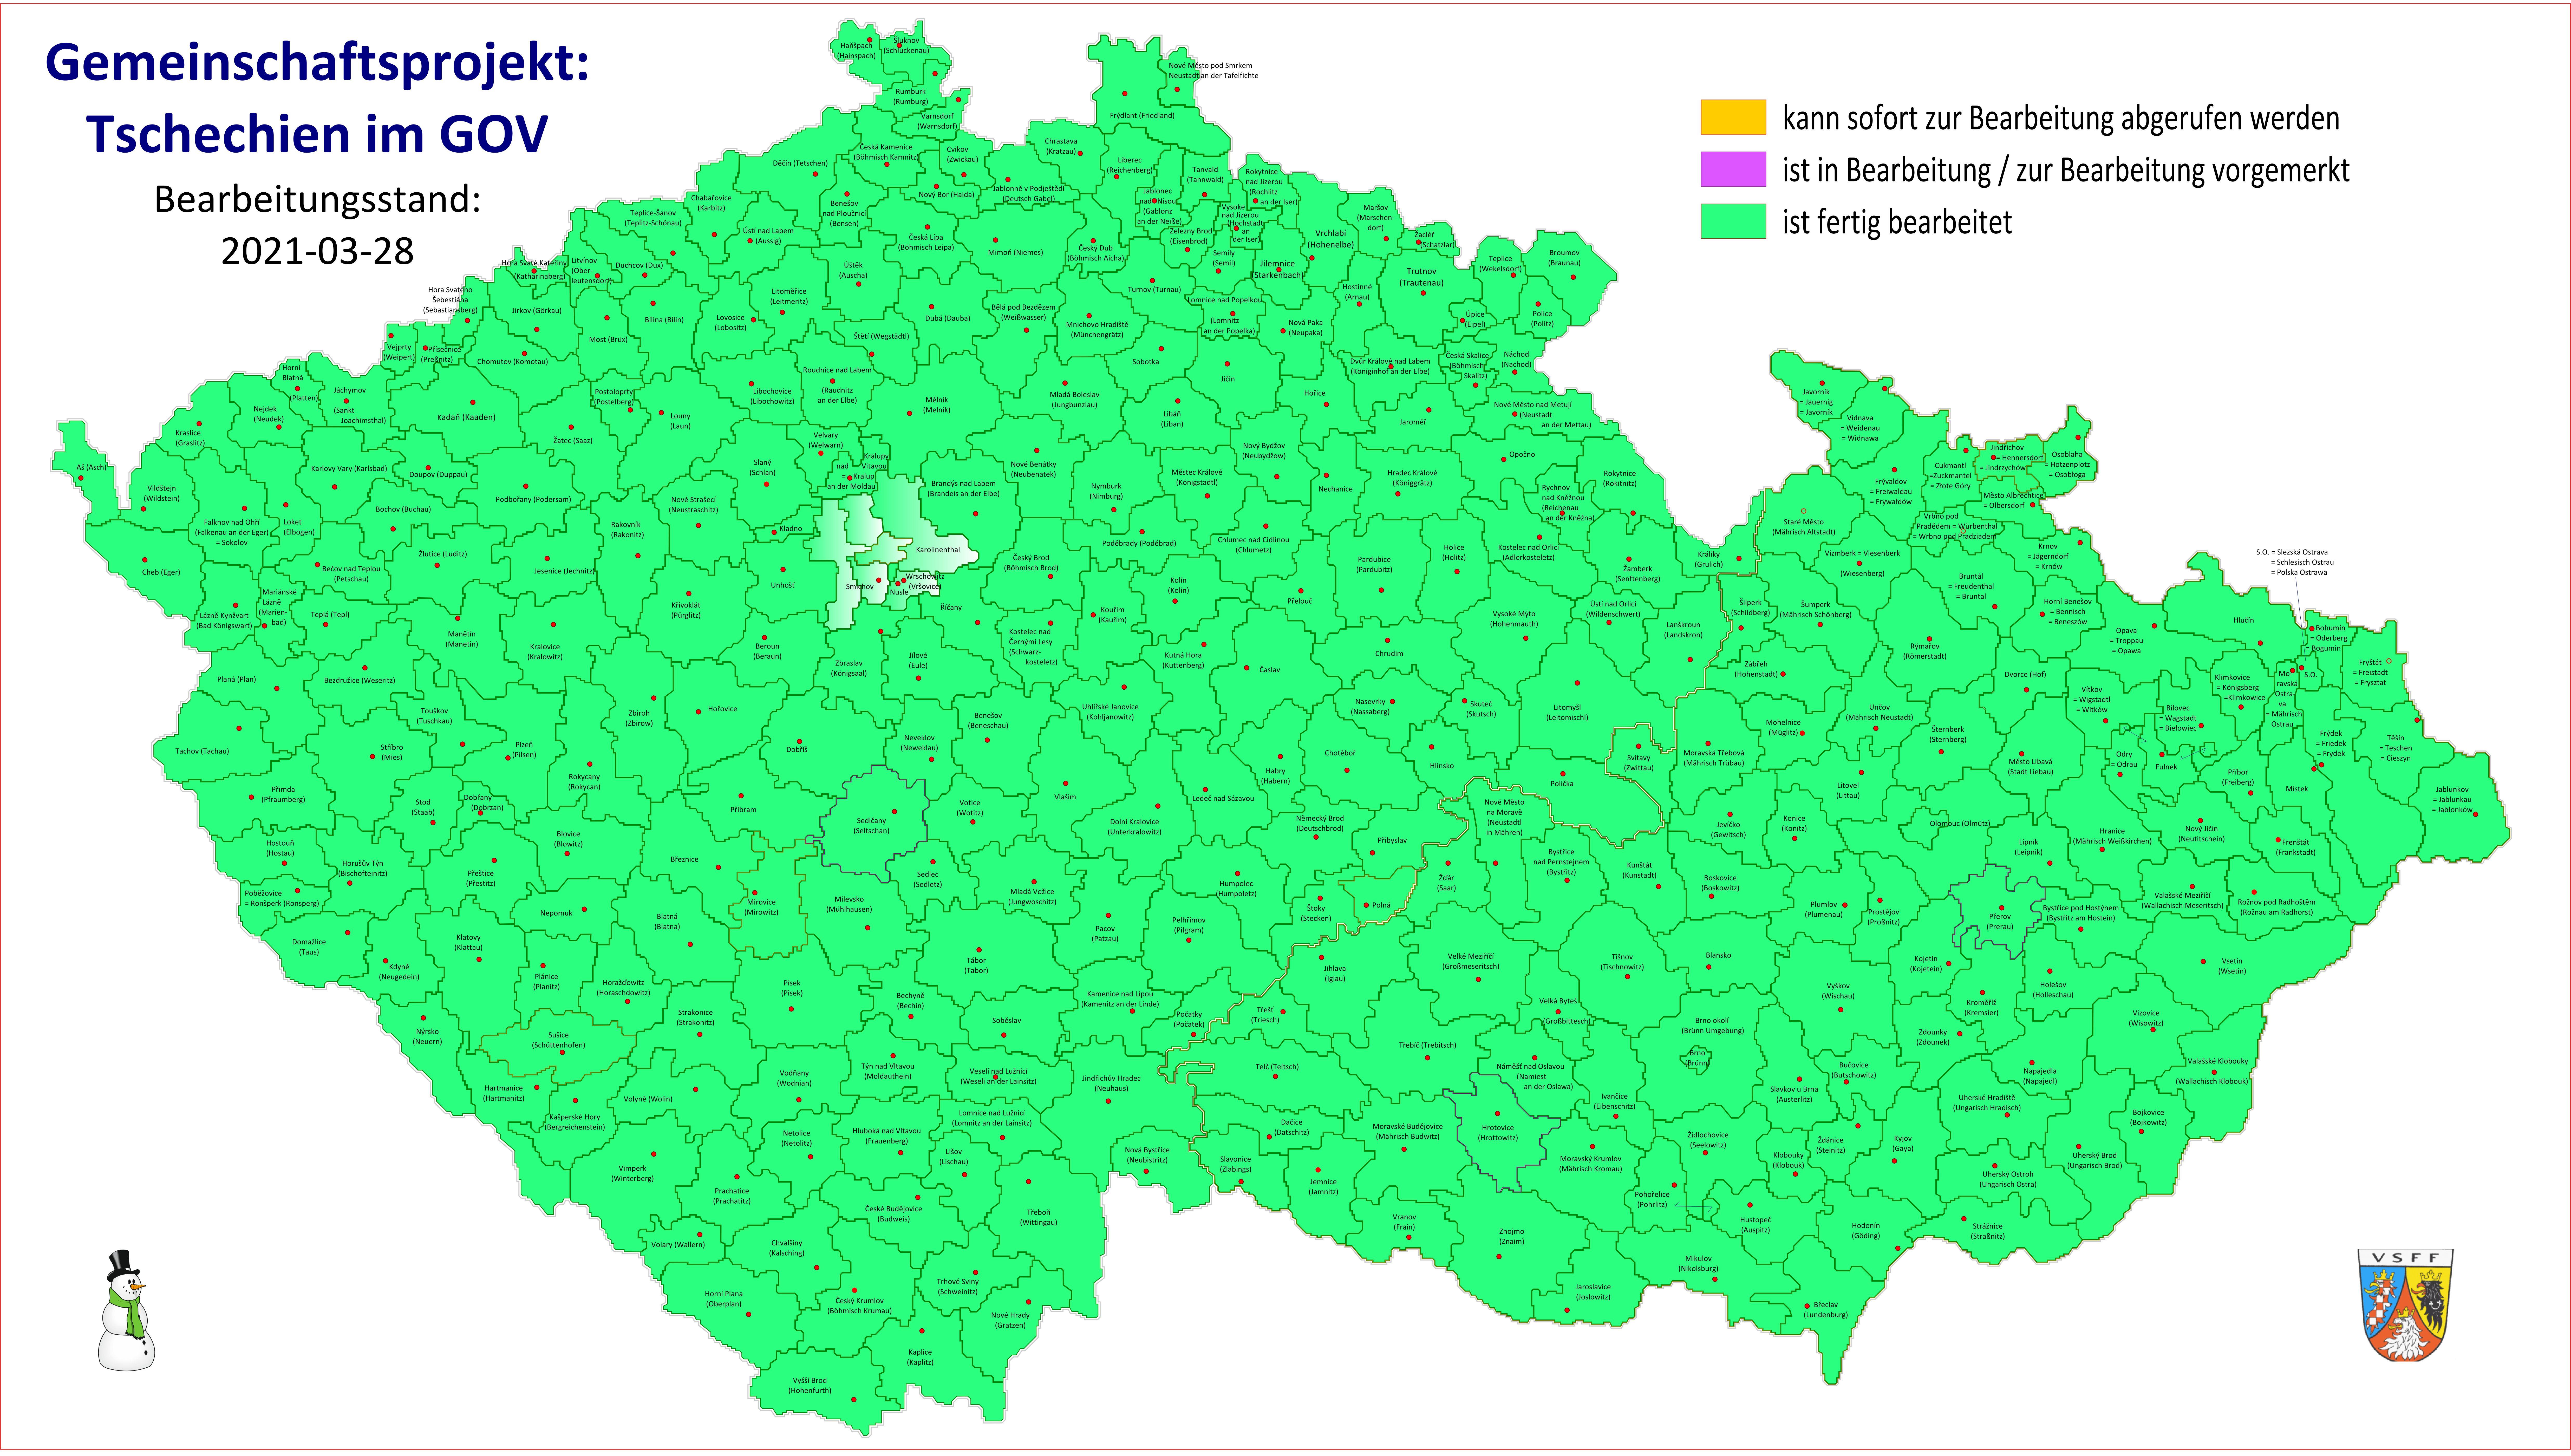 """VSFF-Mitmachprojekt """"Tschechien im GOV"""" erfolgreich beendet"""